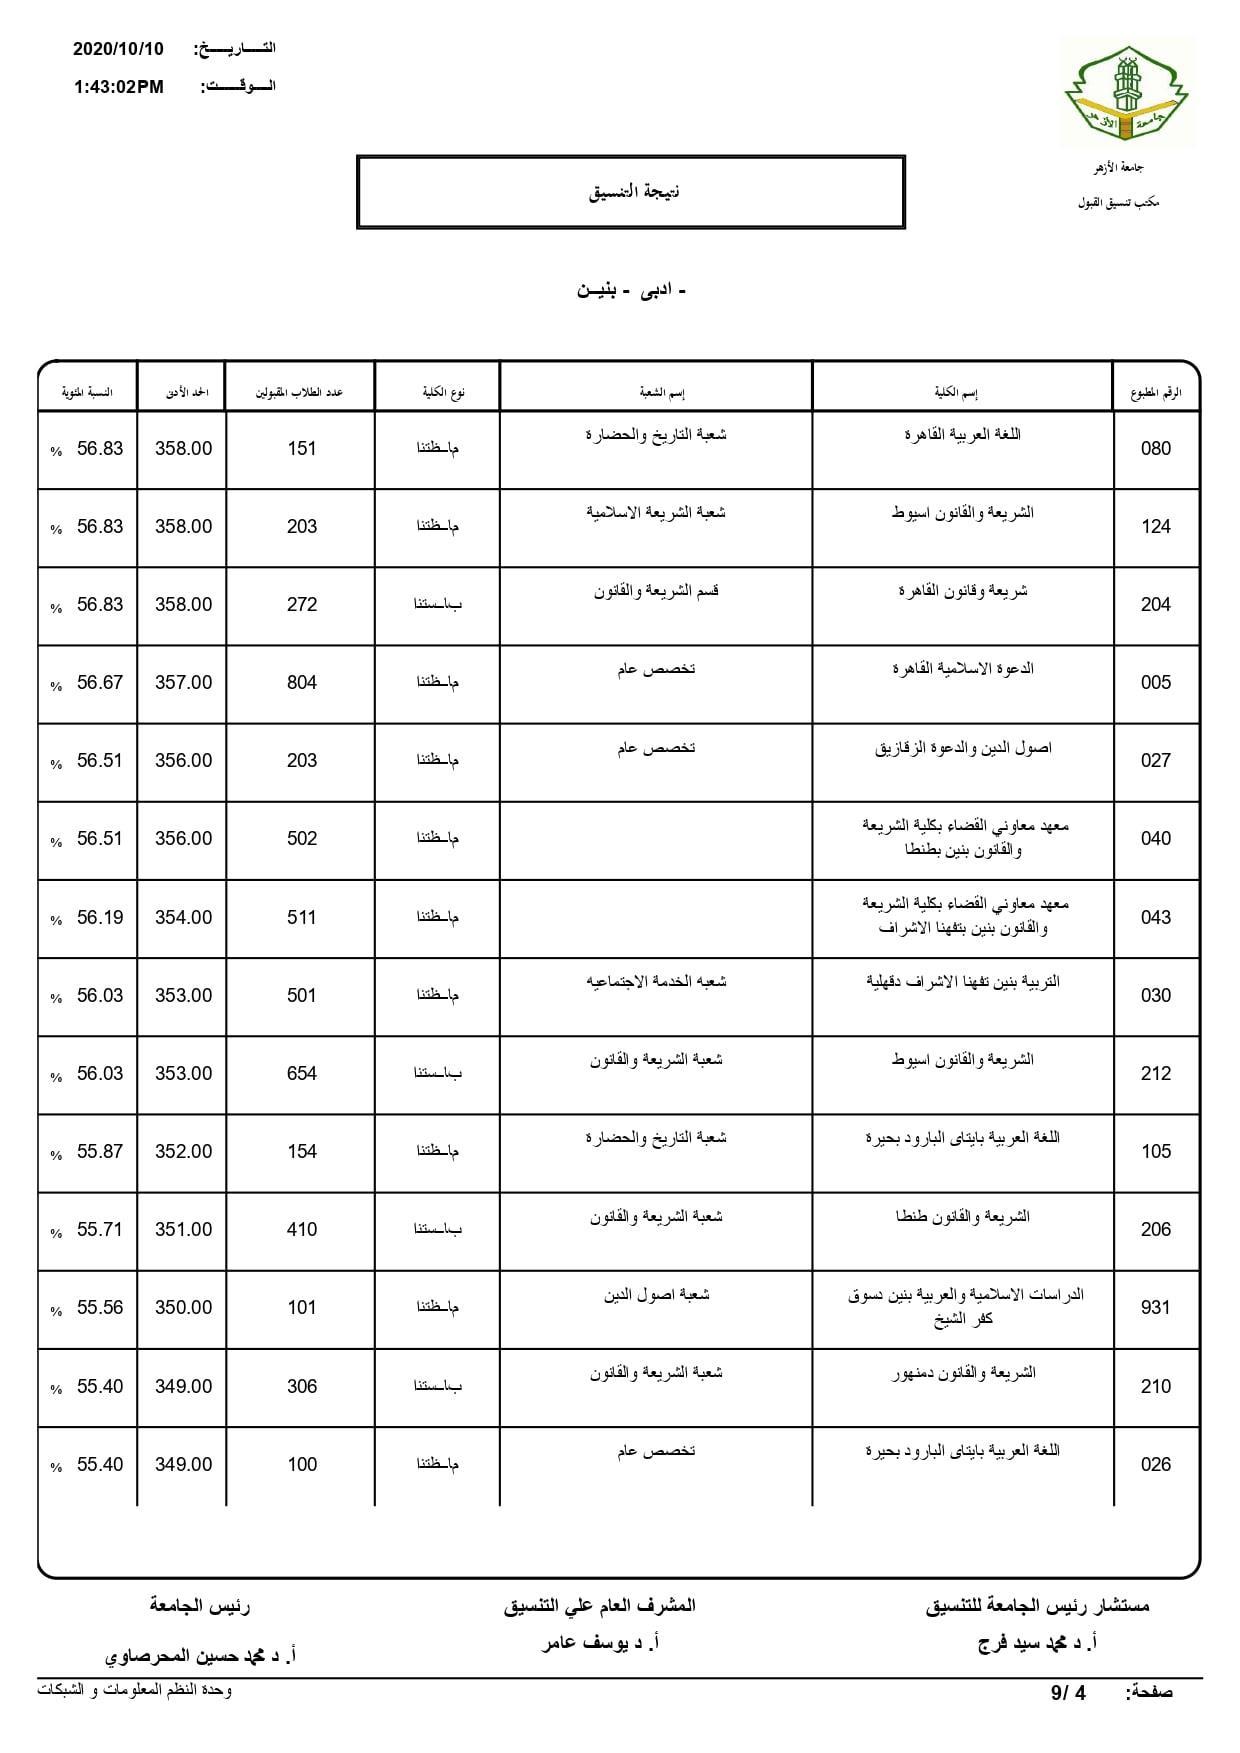 نتيجة تنسيق كليات جامعة الأزهر لعام 2020 بالكامل 20201010201719315